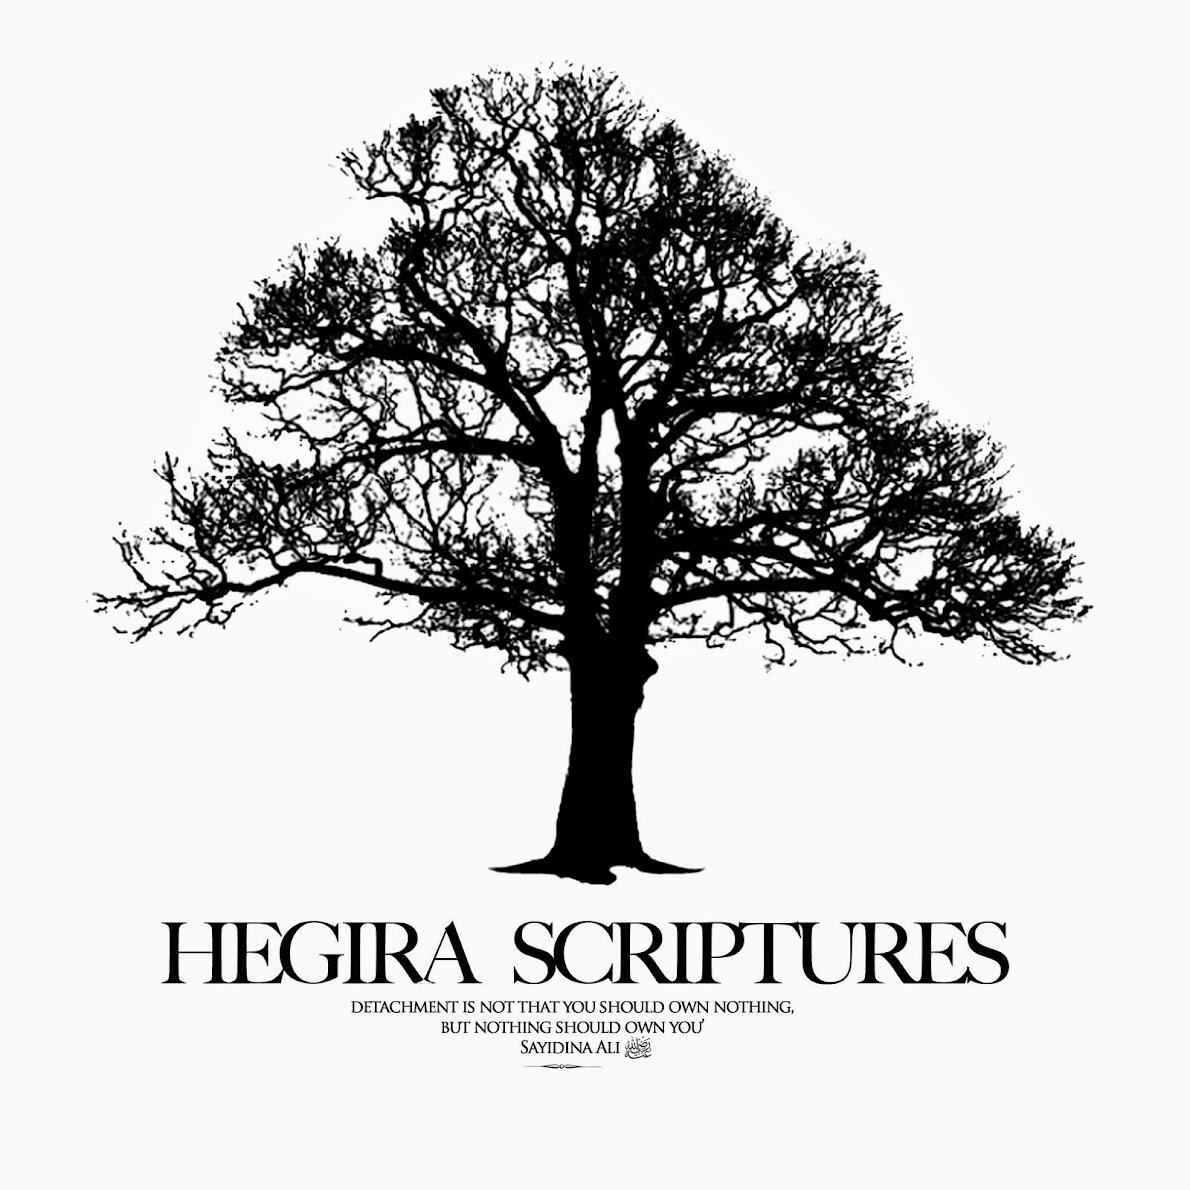 Hegira Scriptures